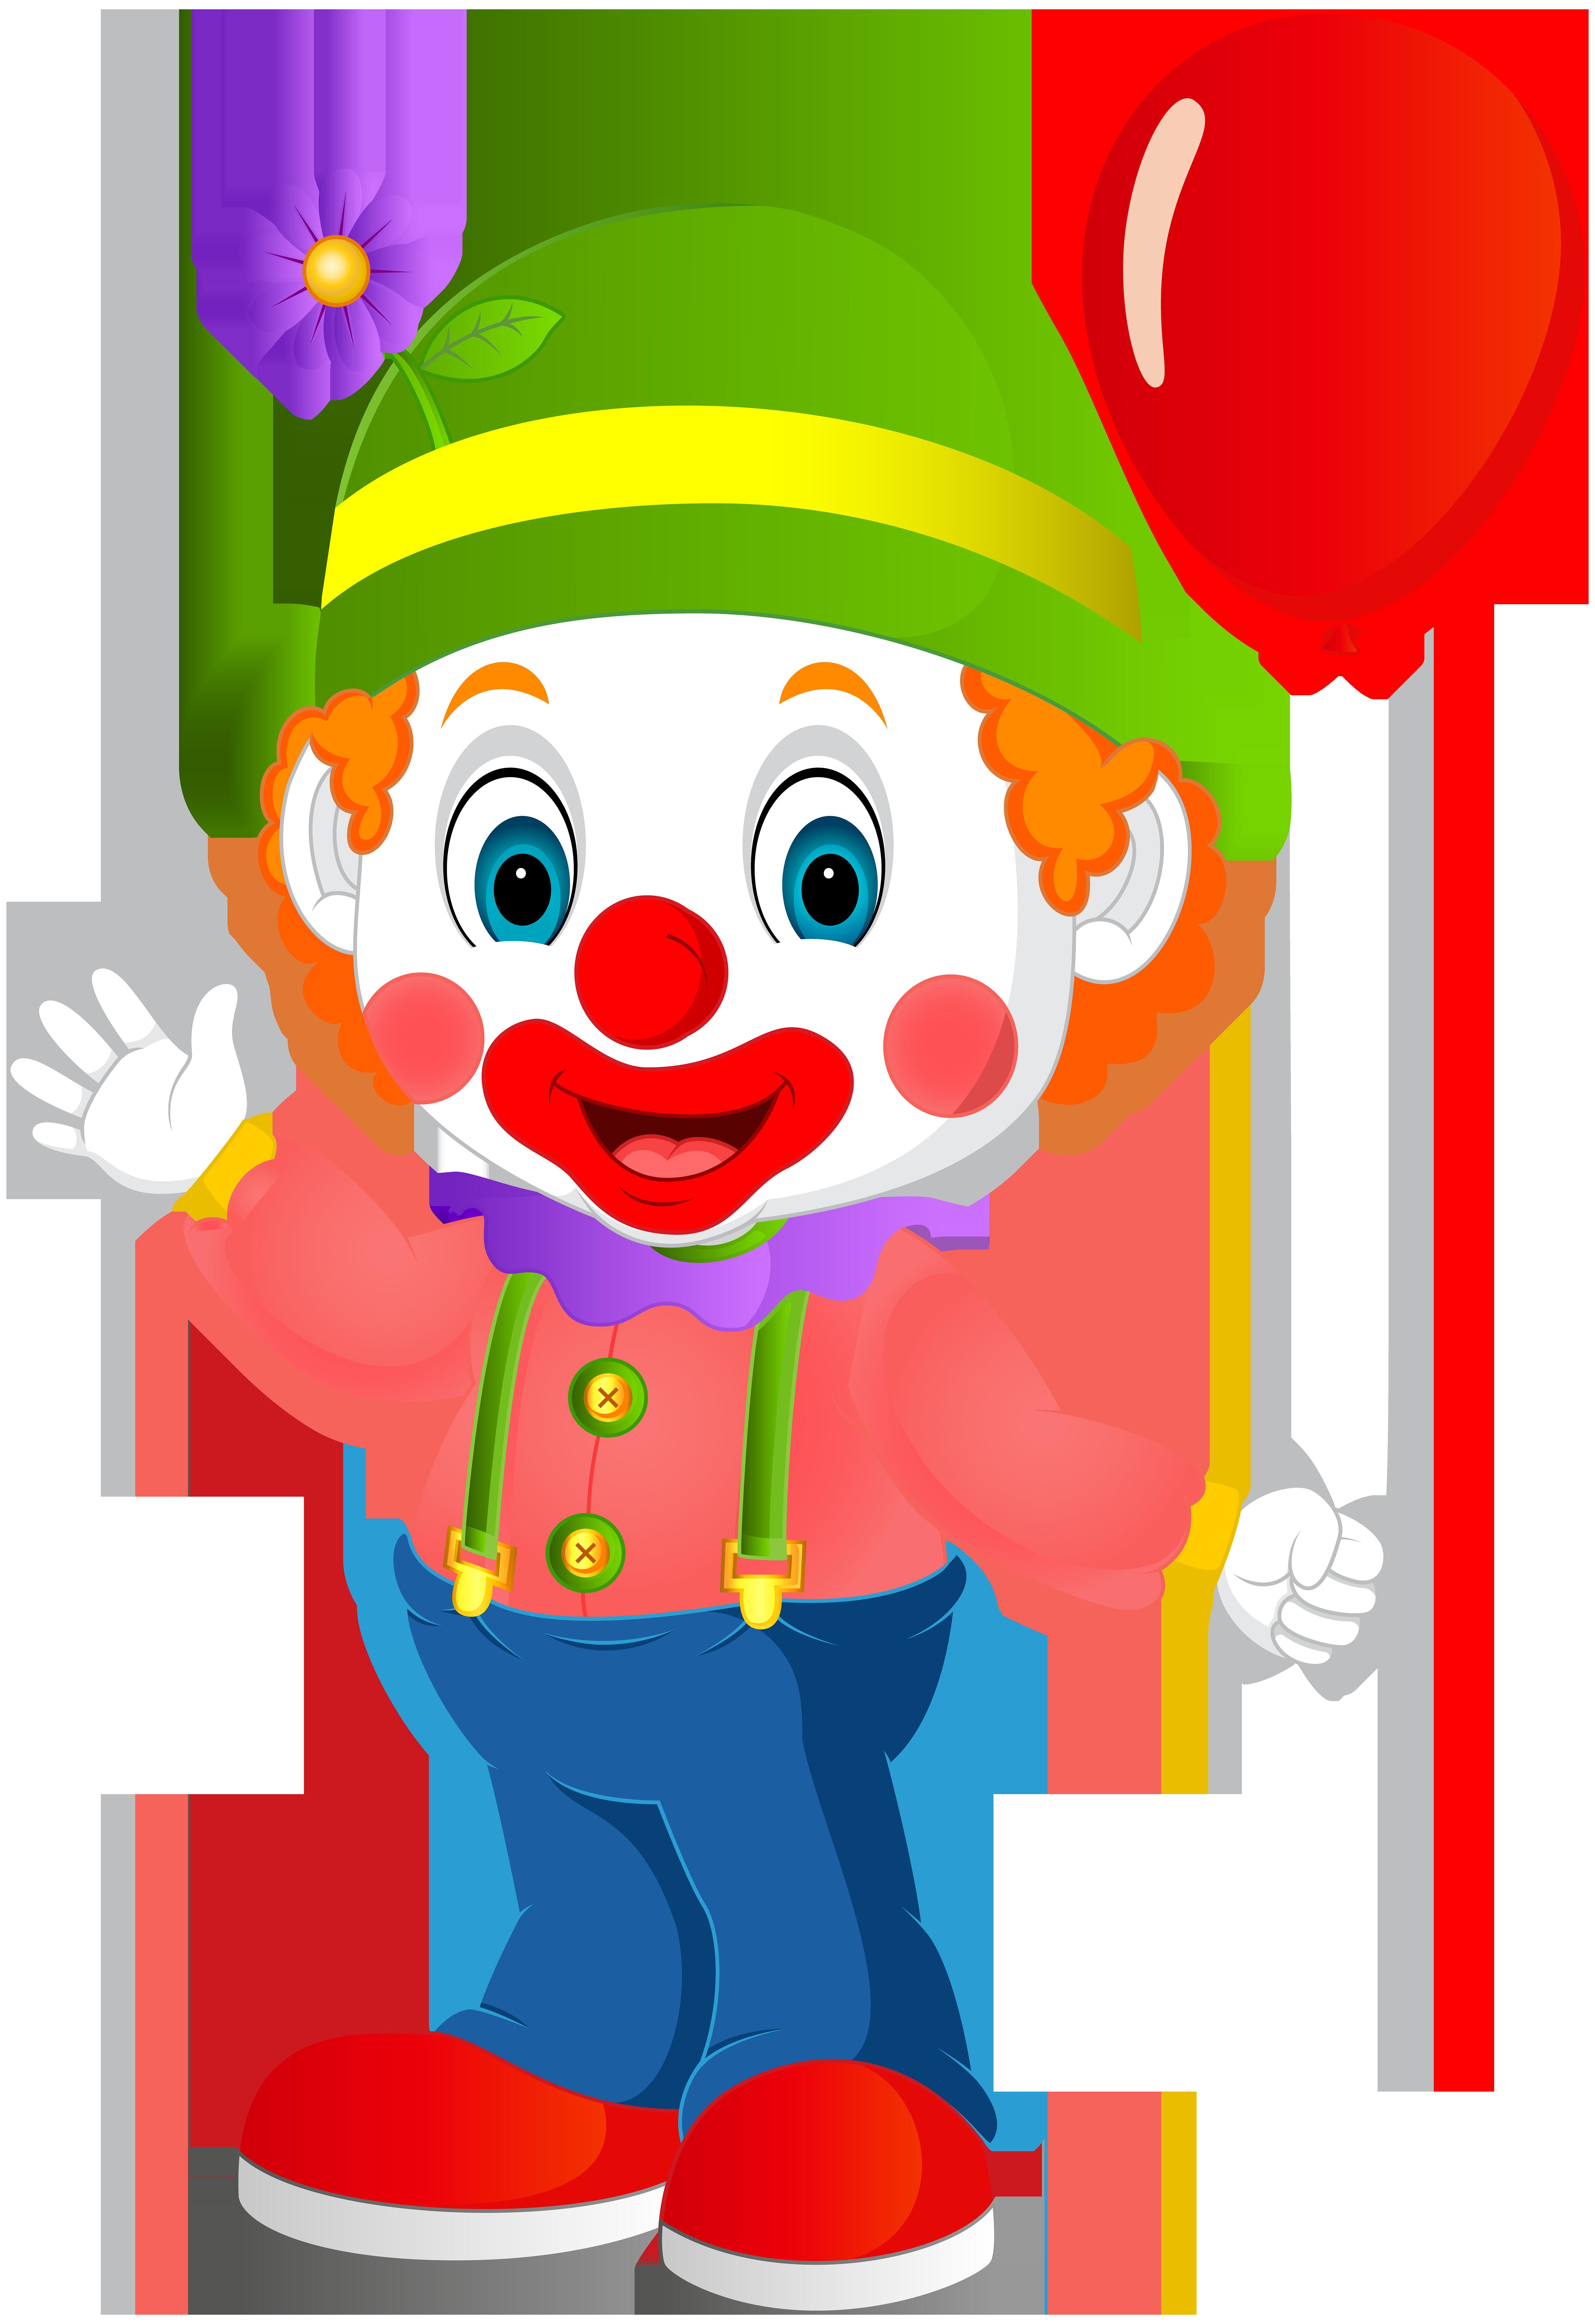 Cute Clown Transparent Png Clip Art Image Cute Clown Art Drawings For Kids Cute Disney Drawings